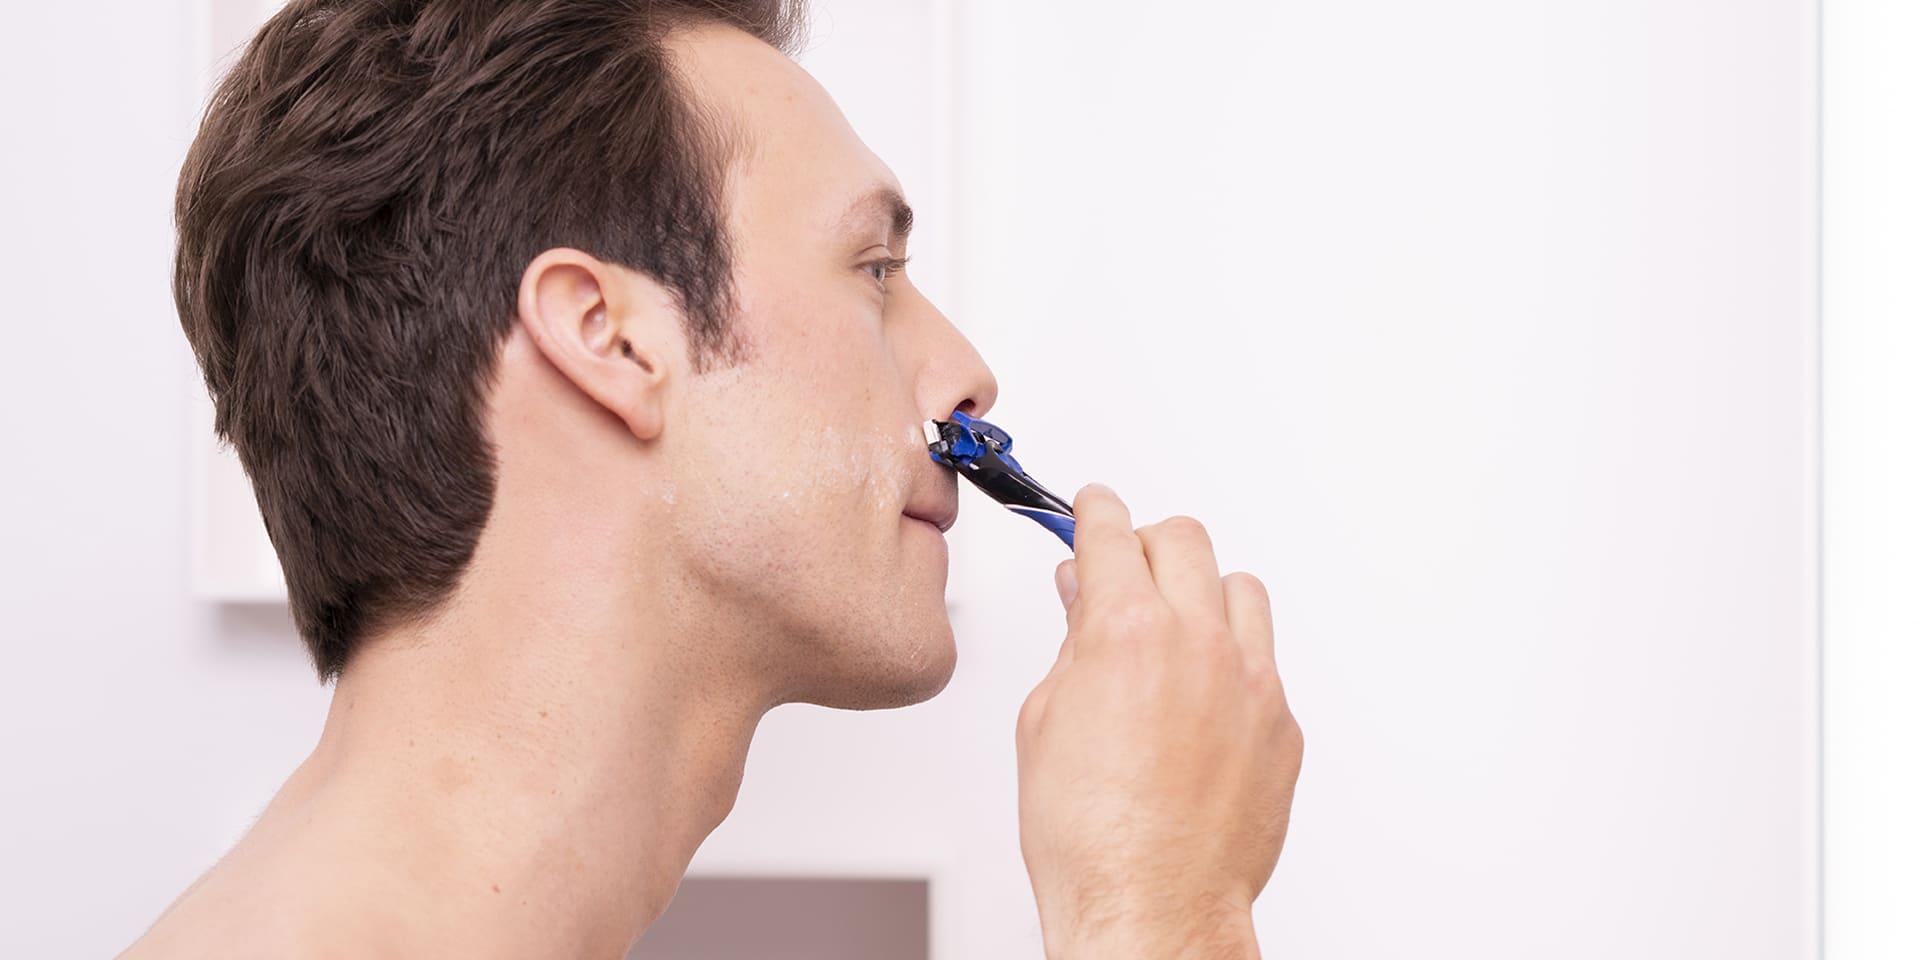 Comment se raser tous les jours sans irritation?